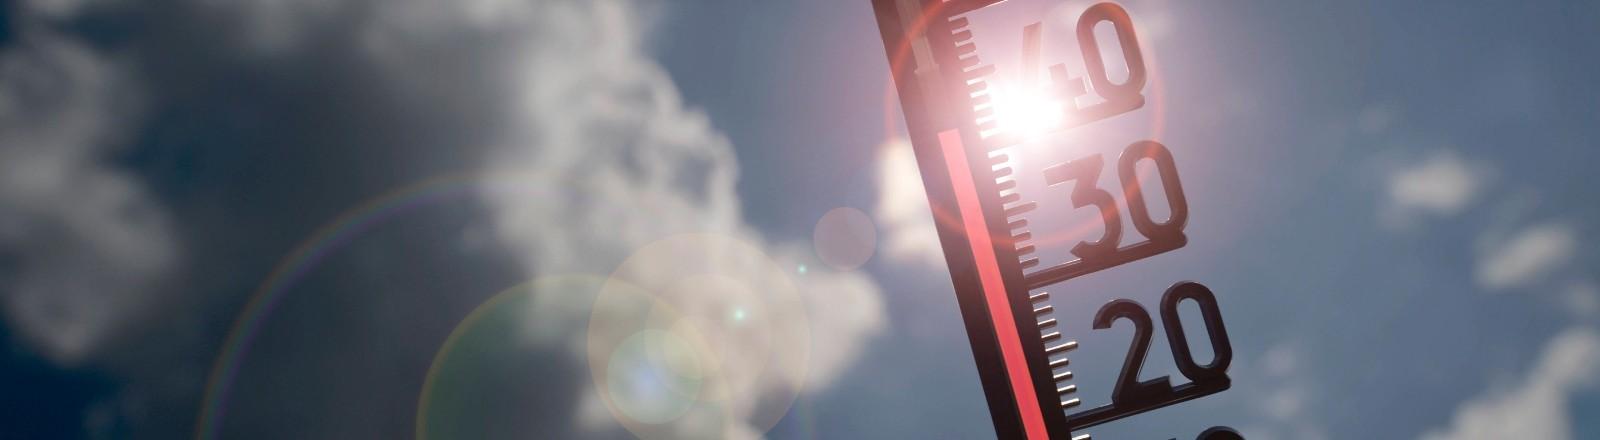 Ein Thermometer zeigt in den sonnigen Himmel